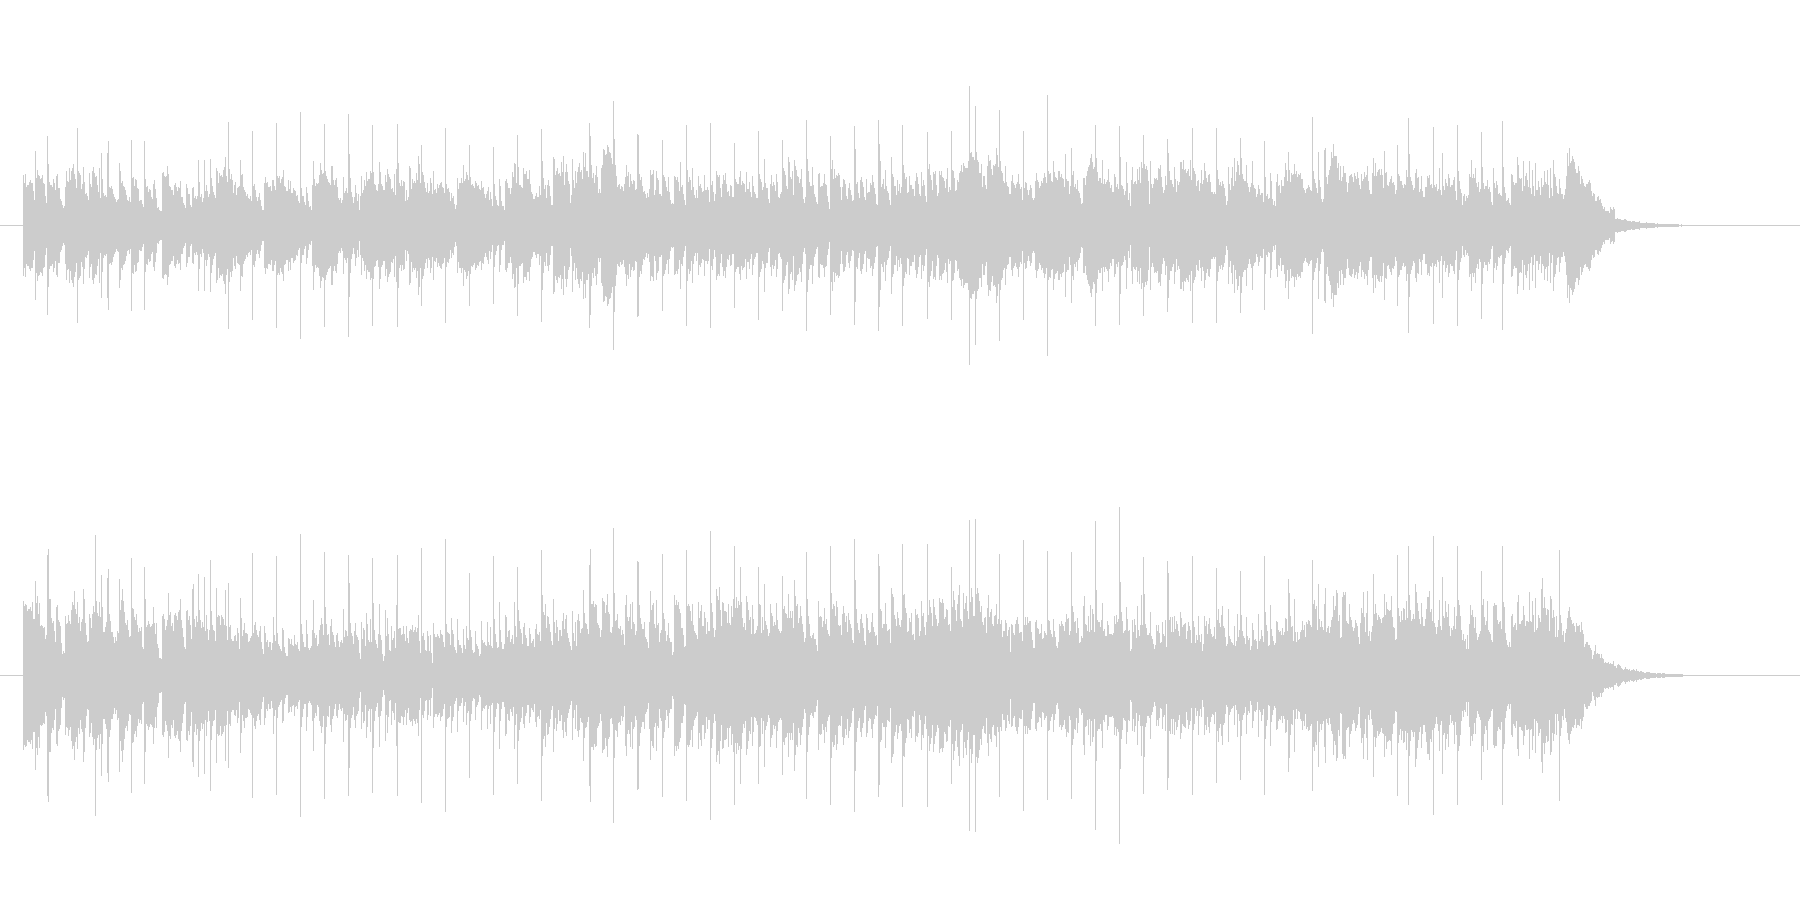 さわやかなメロディーのポップスの未再生の波形